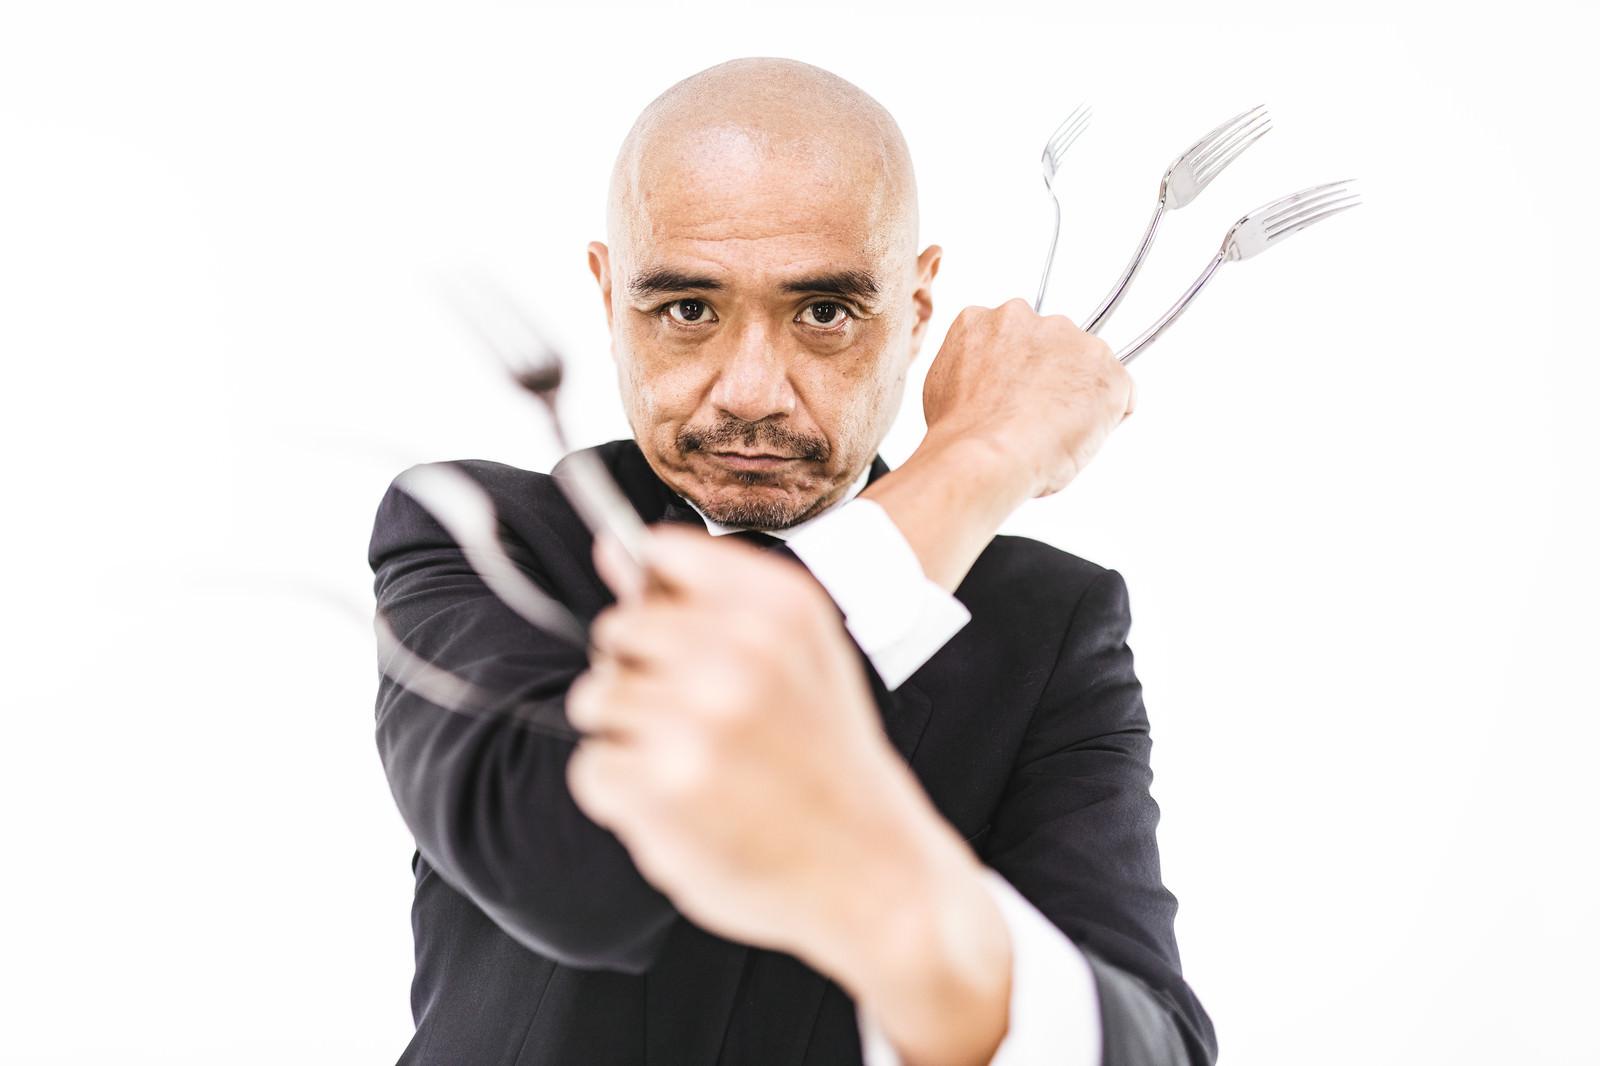 フォークで武装する強面執事のフリー素材